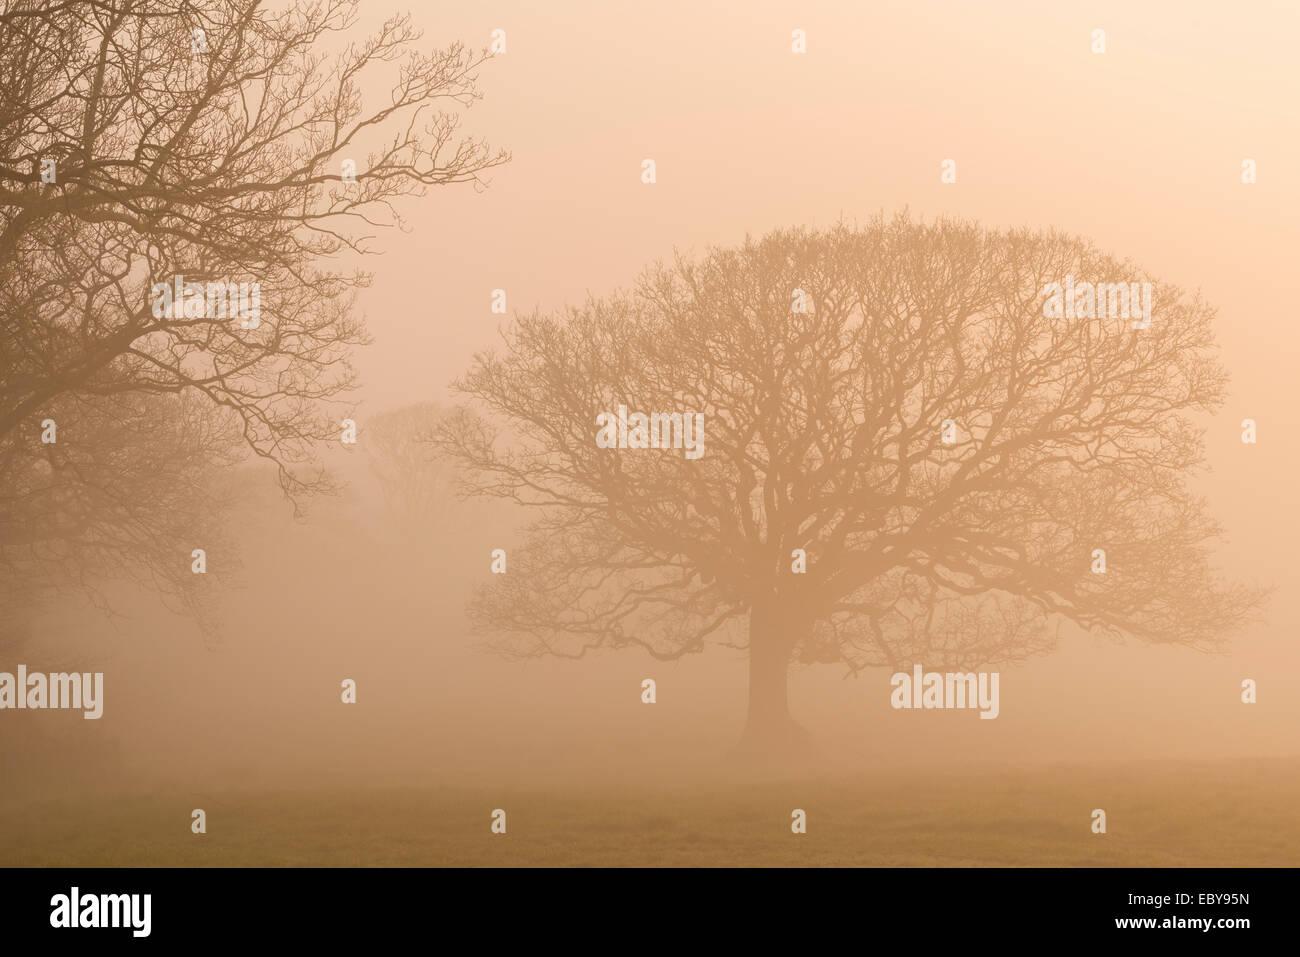 Alberi in inverno nebbia a sunrise, cane nero, Devon, Inghilterra. Inverno (Marzo) 2014. Immagini Stock